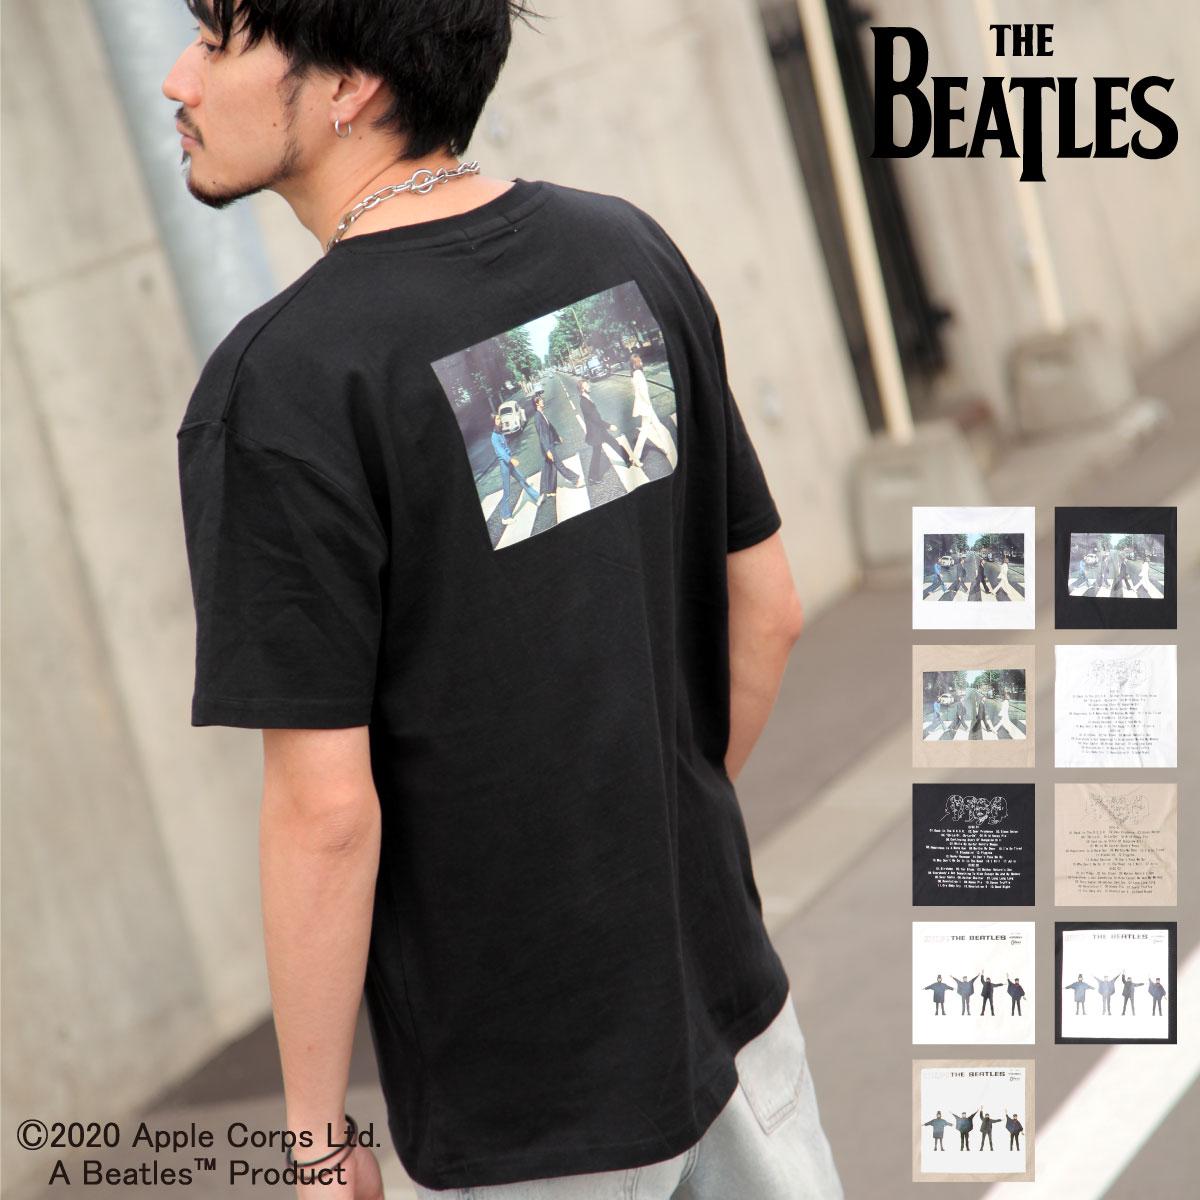 【New】披頭四印刷短袖T恤  Abbey Road 艾比路 披頭四 0